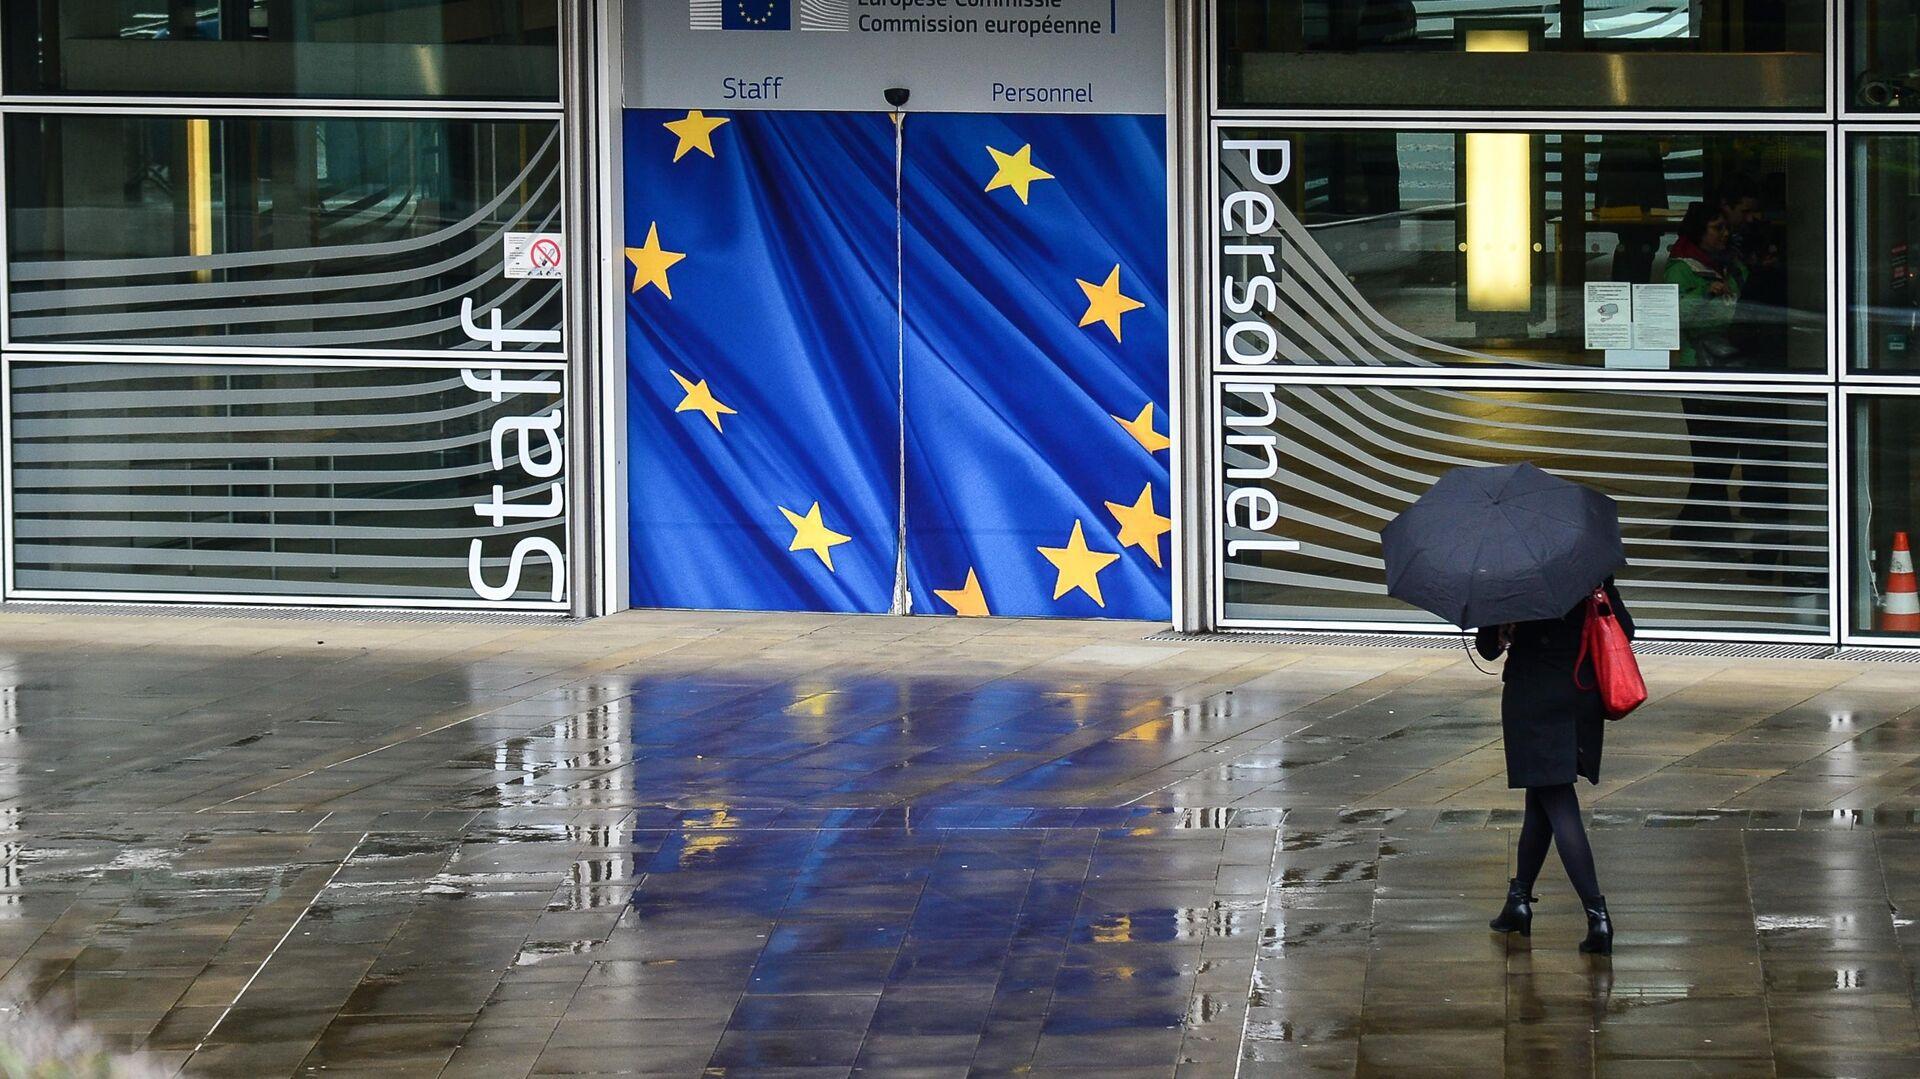 Вход в здание Еврокомиссии в Брюсселе - РИА Новости, 1920, 15.05.2021